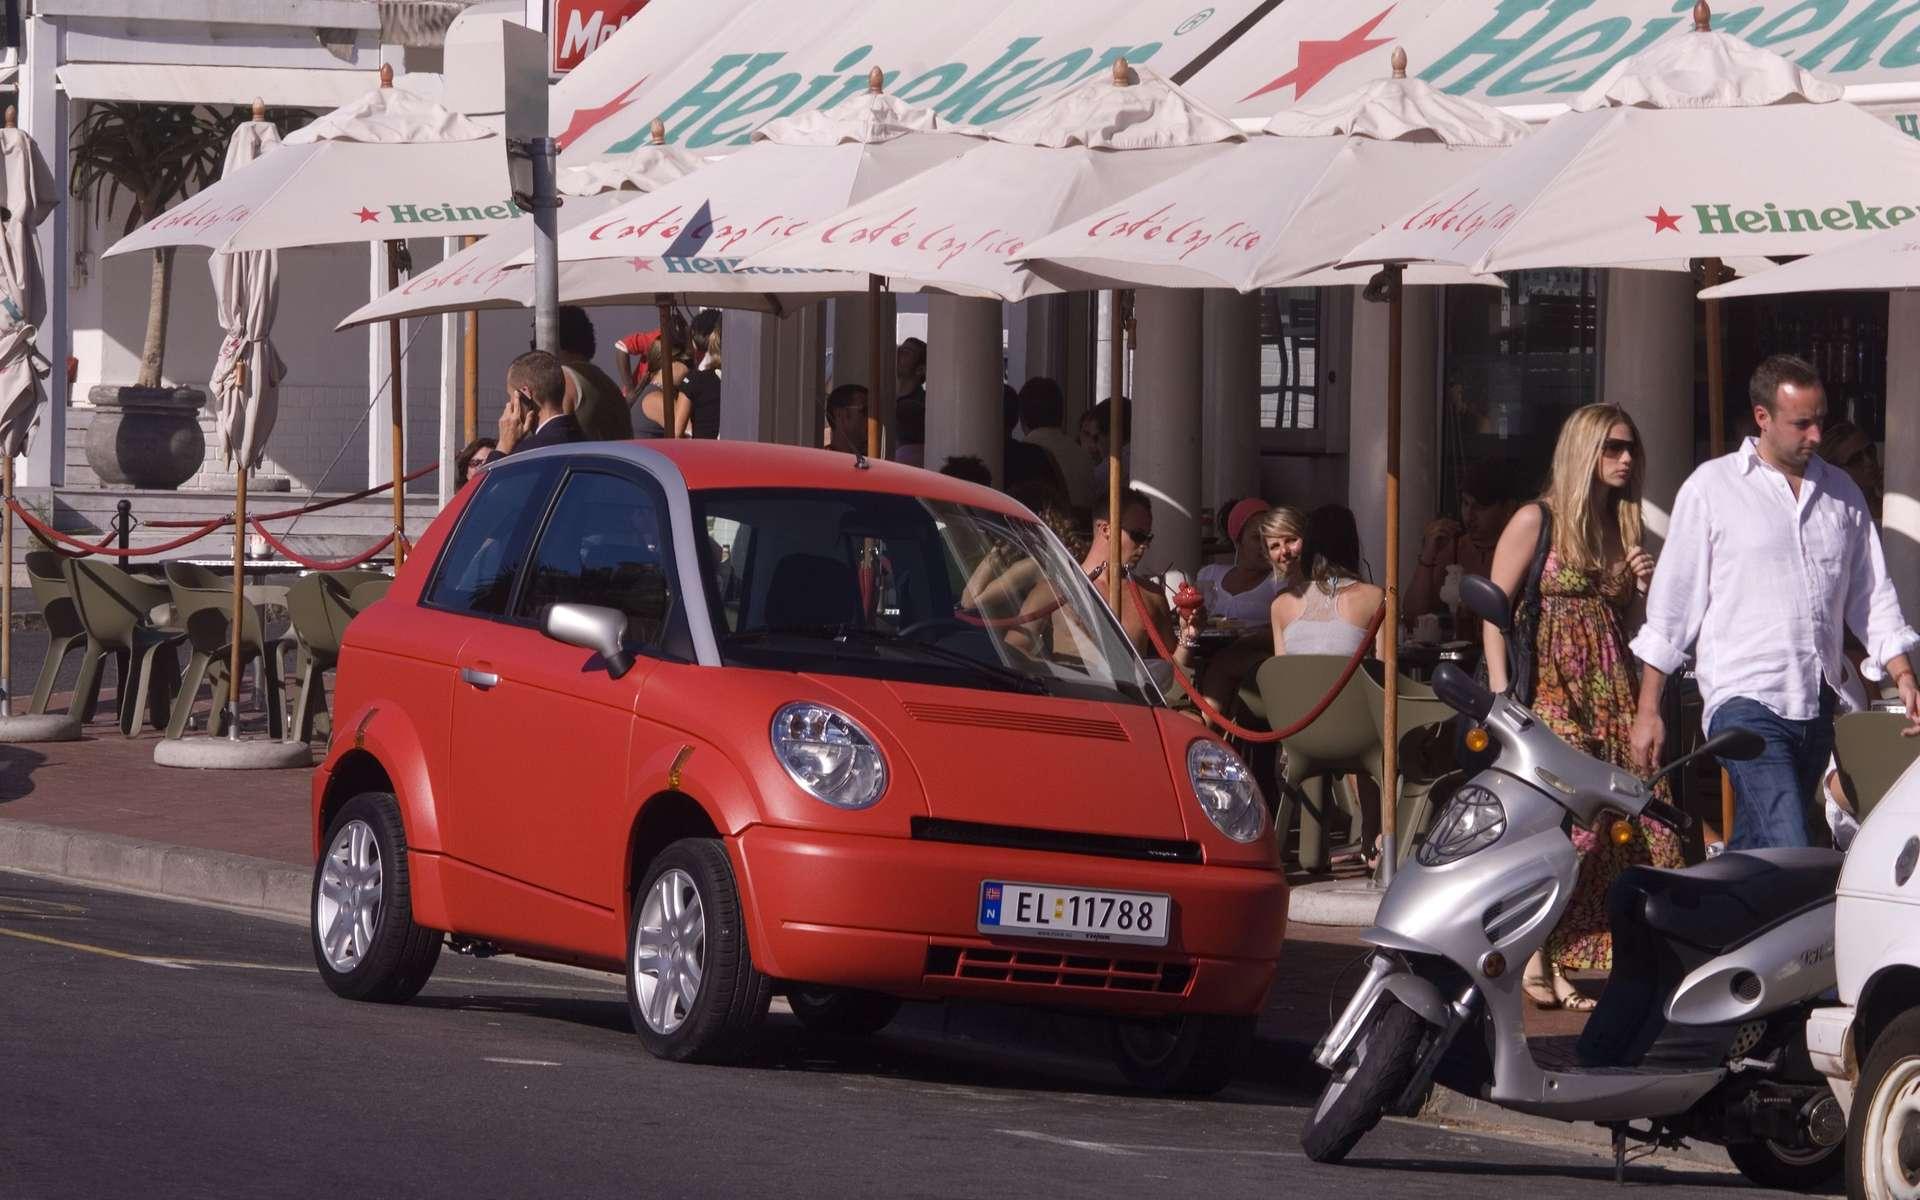 Le système Autolib' concernera Paris et sa banlieue, et devrait s'équiper de véhicules écologiques, comme la Th!nk, une voiture 100% électrique. © Think / Knut Bry